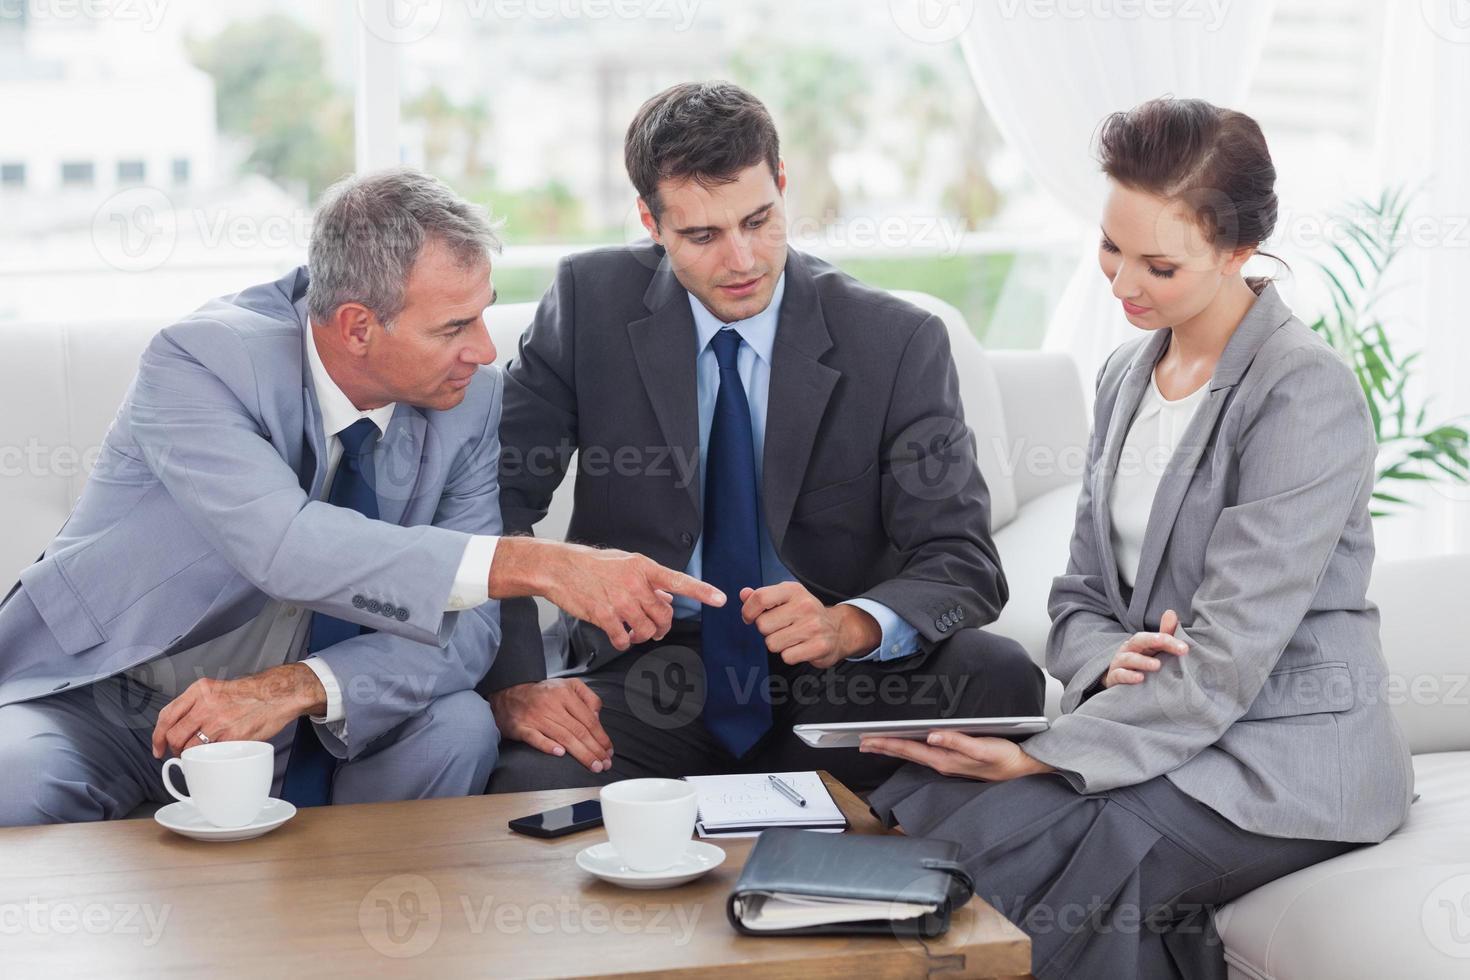 equipe de trabalho tendo uma reunião juntos foto